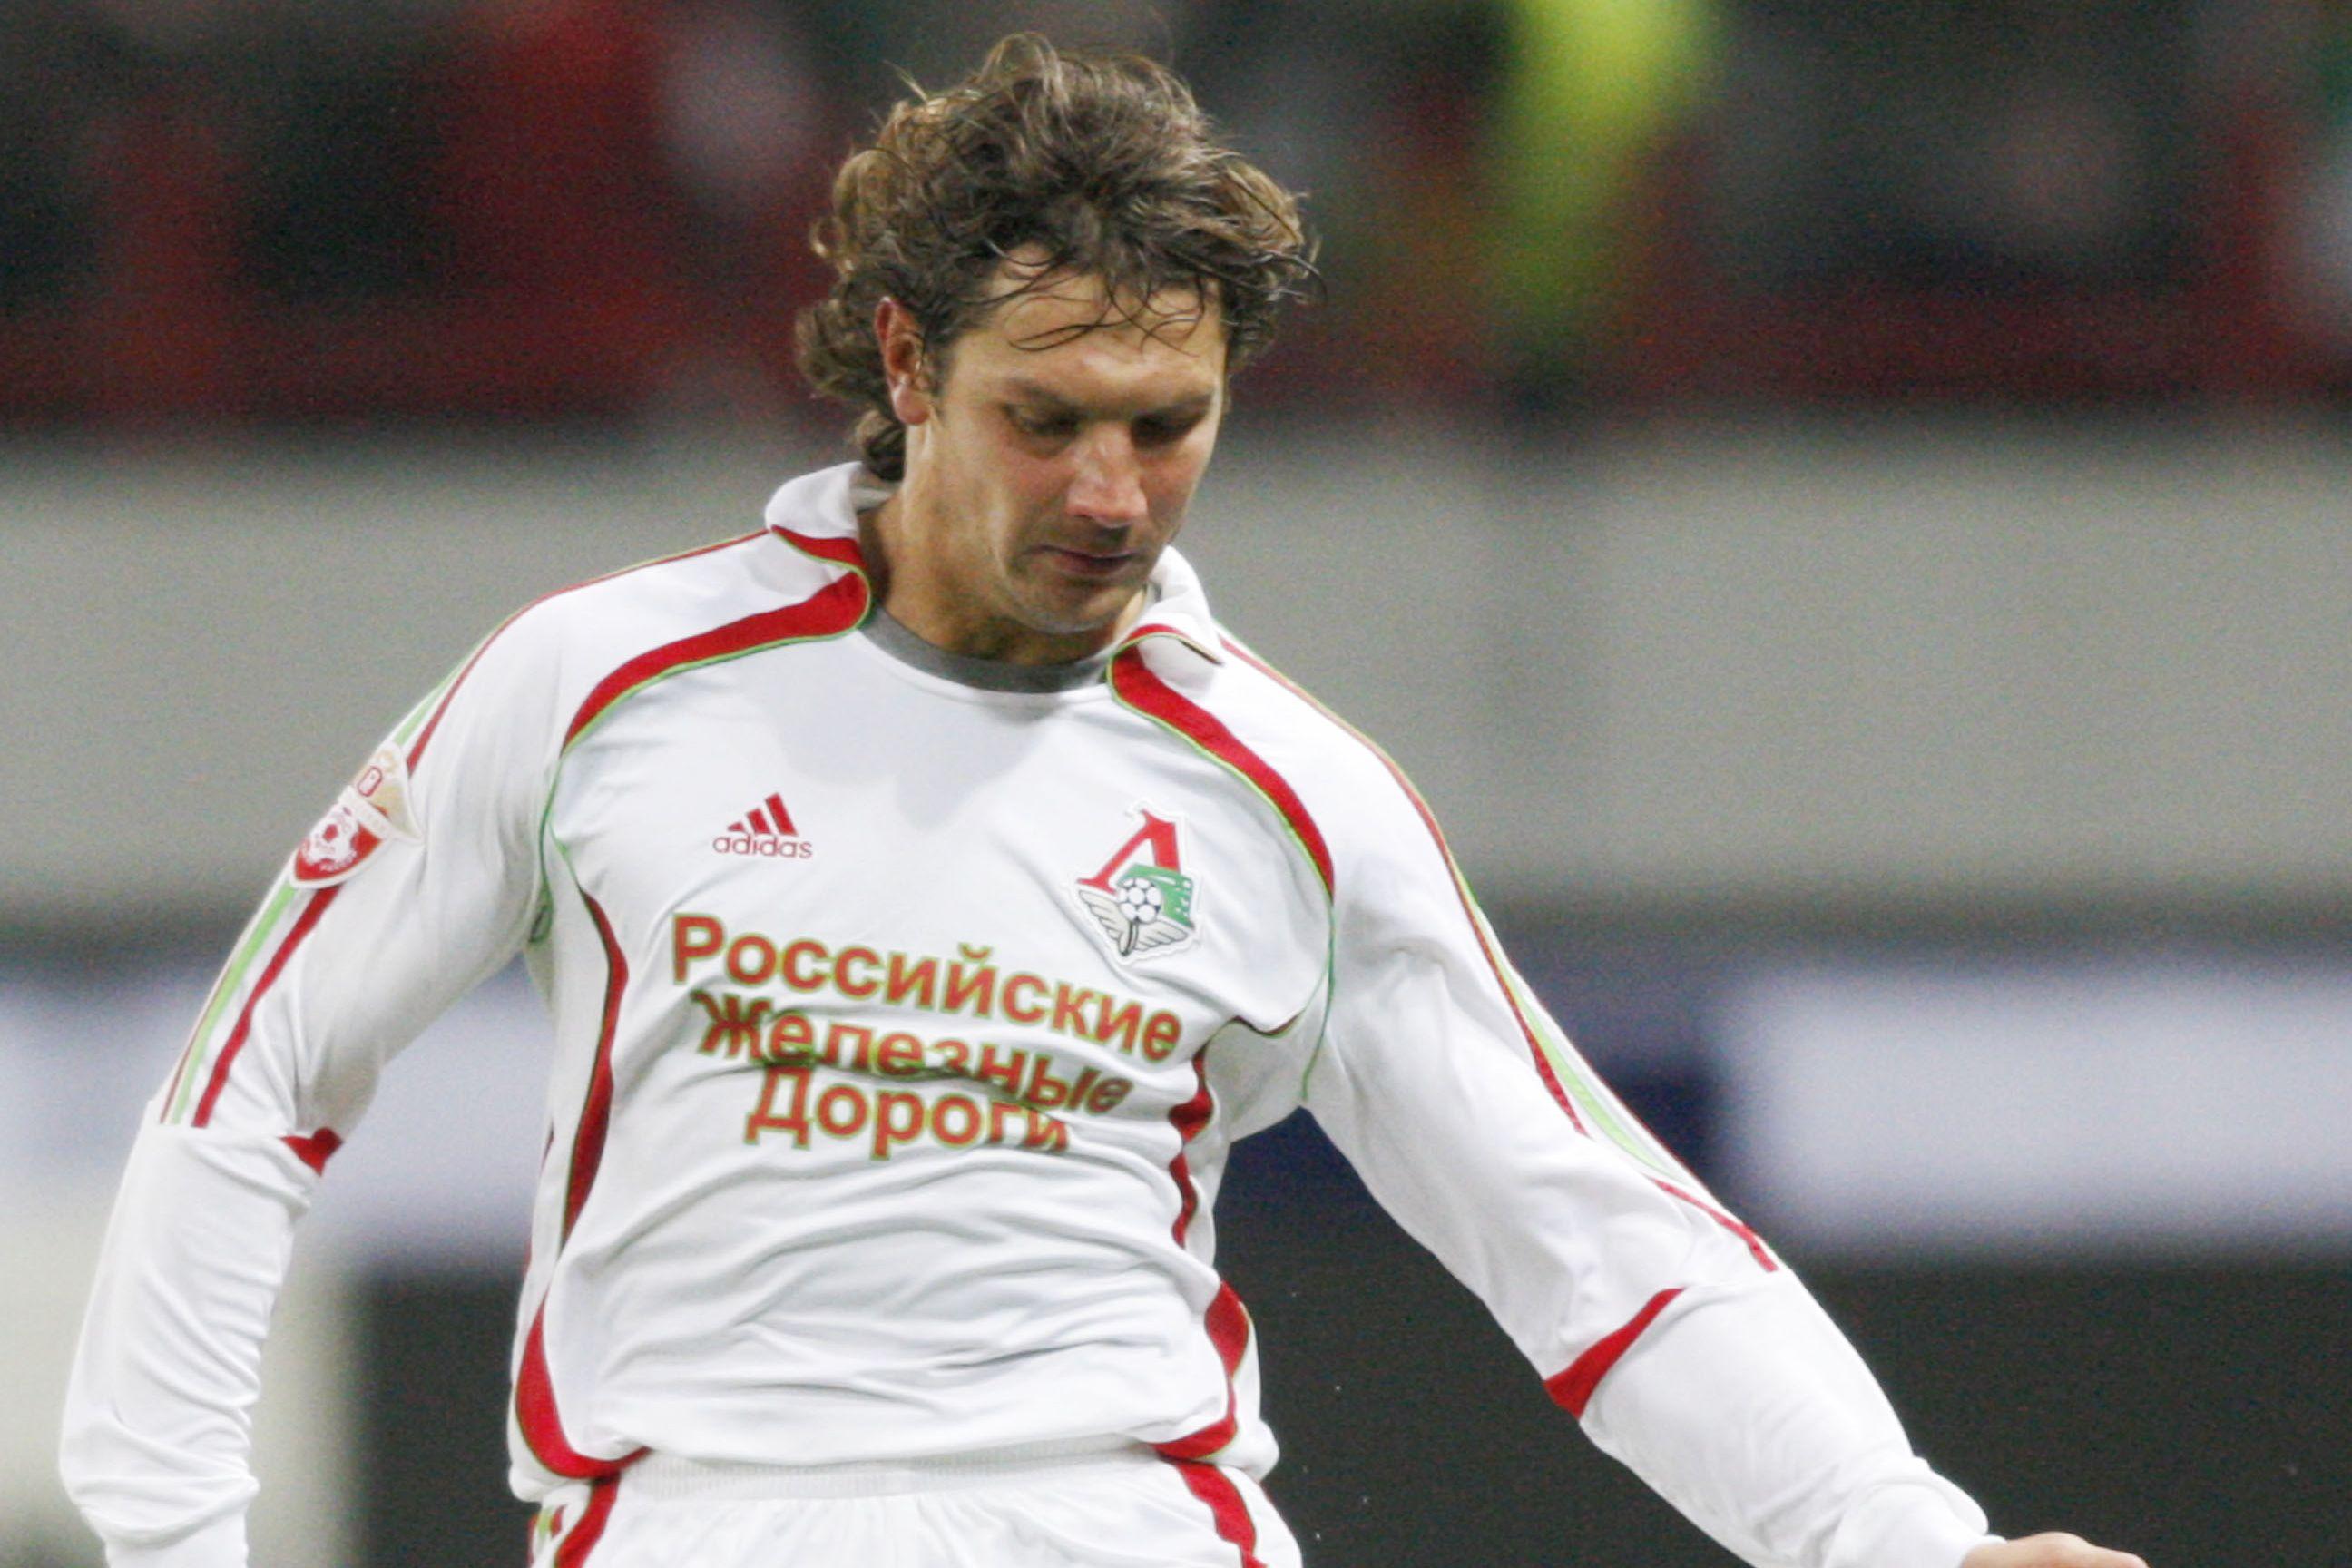 Сенников сделал прогноз на матч Локомотив - Спартак